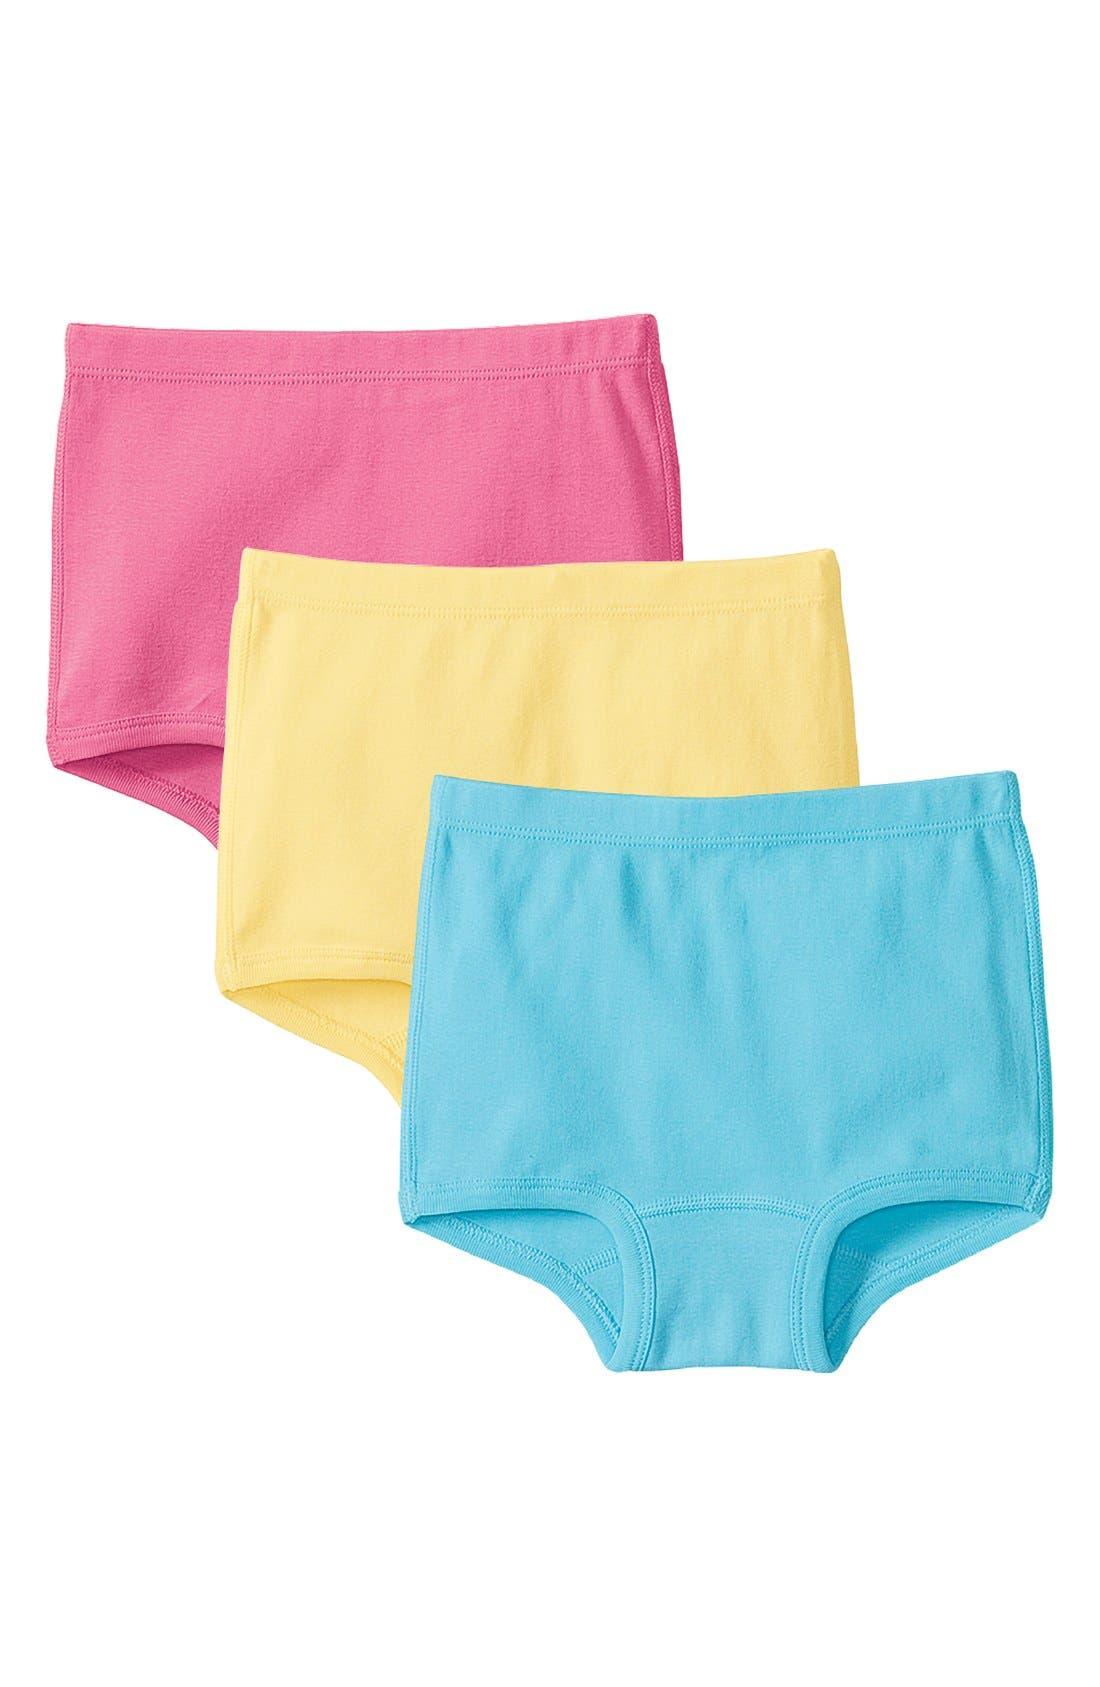 Main Image - Hanna Andersson Organic Cotton Brief Underwear (3-Pack) (Little Girls & Big Girls)